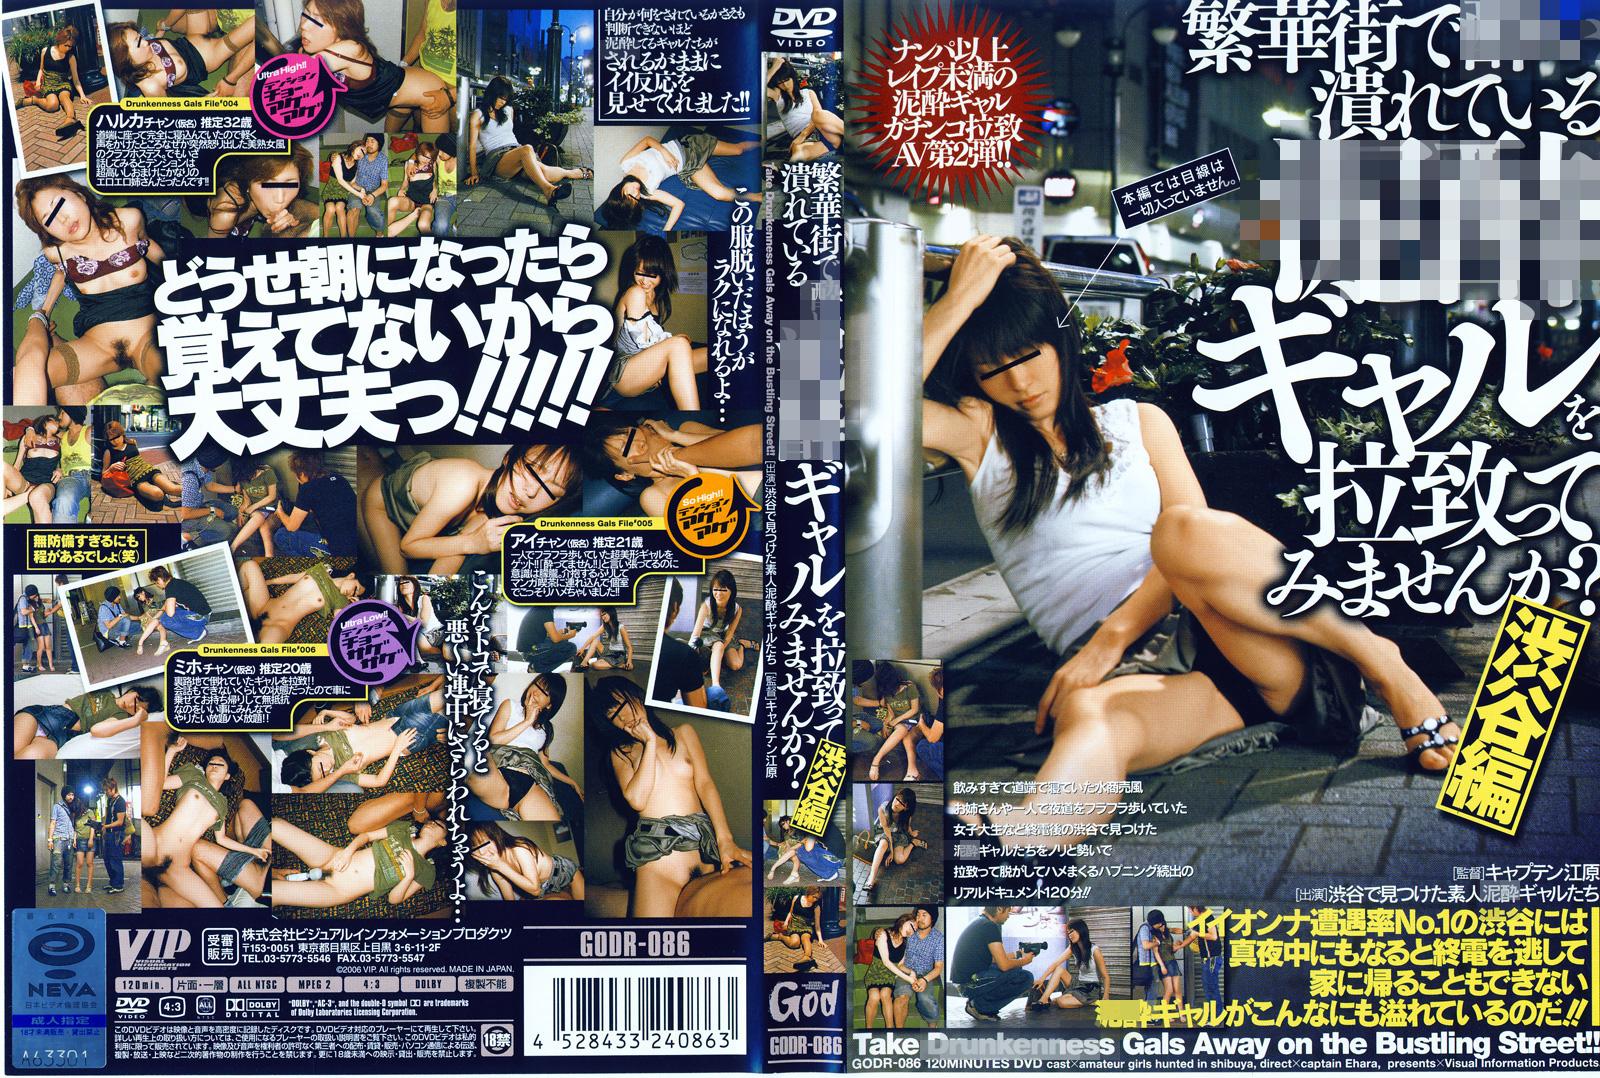 繁華街で飲み潰れているギャルを拉致ってみませんか?渋谷編 楽しい輪姦